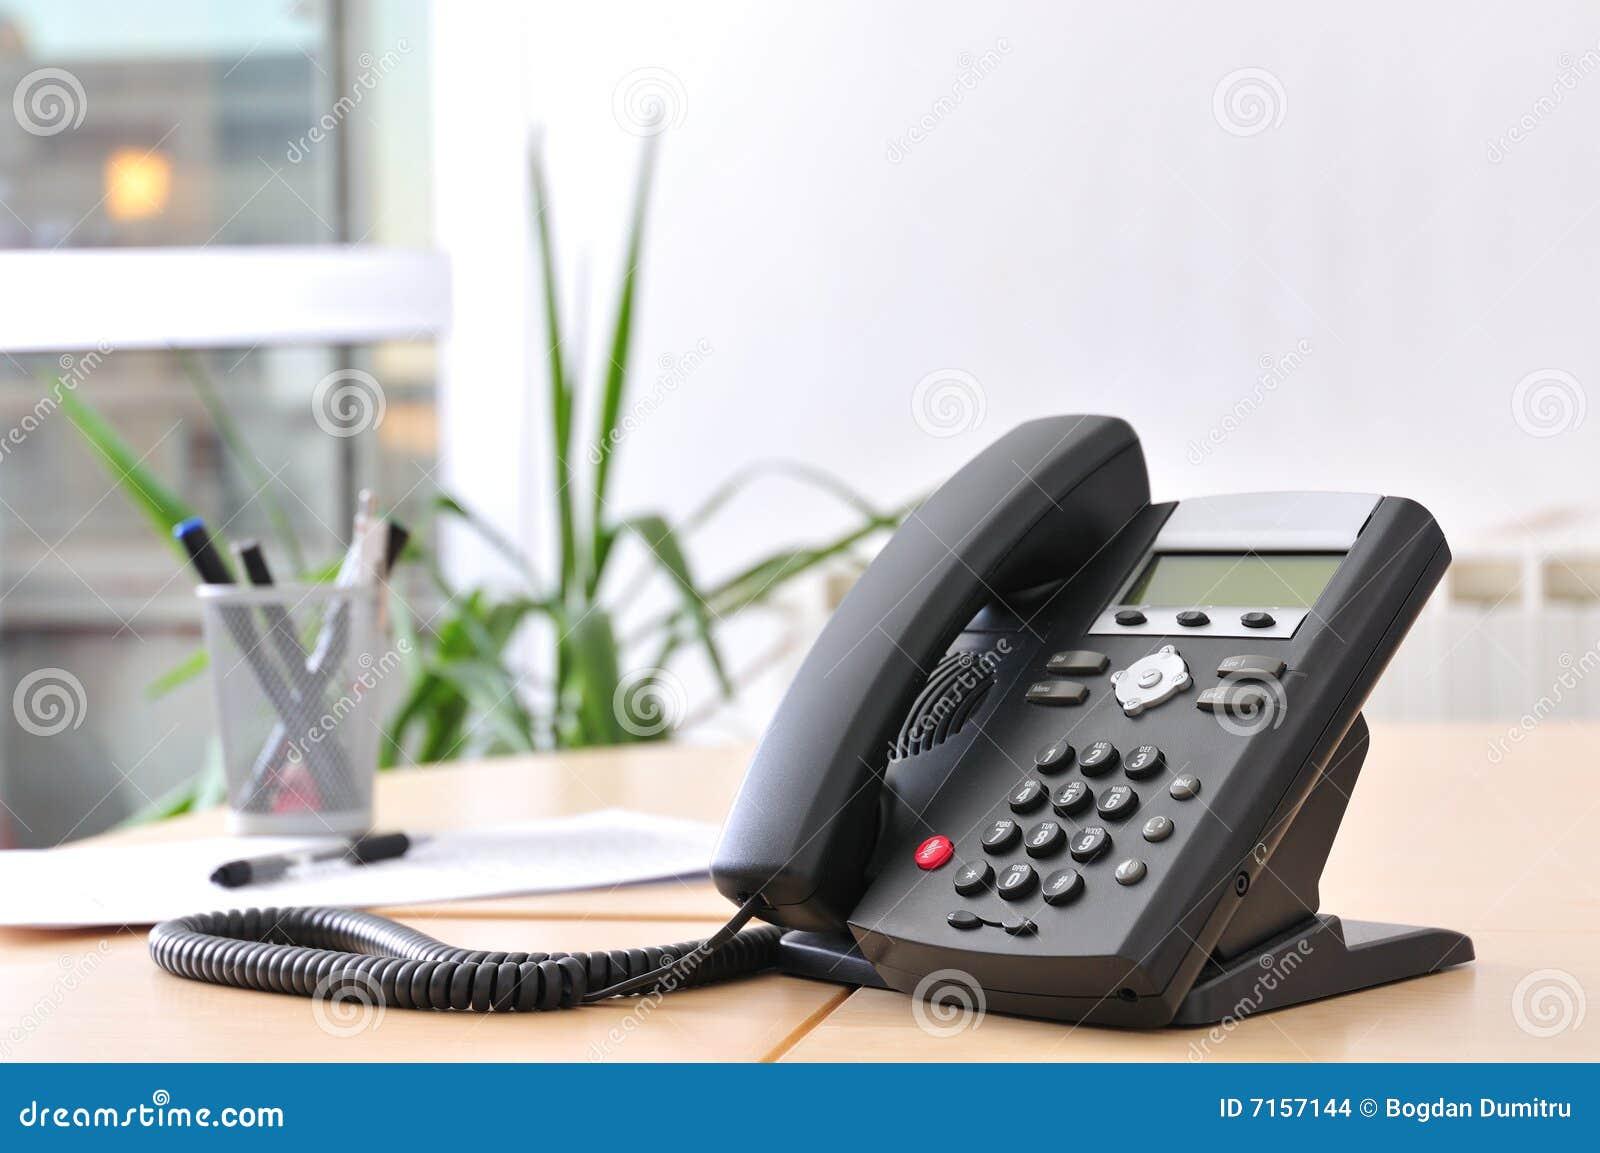 исполнительное voip телефона